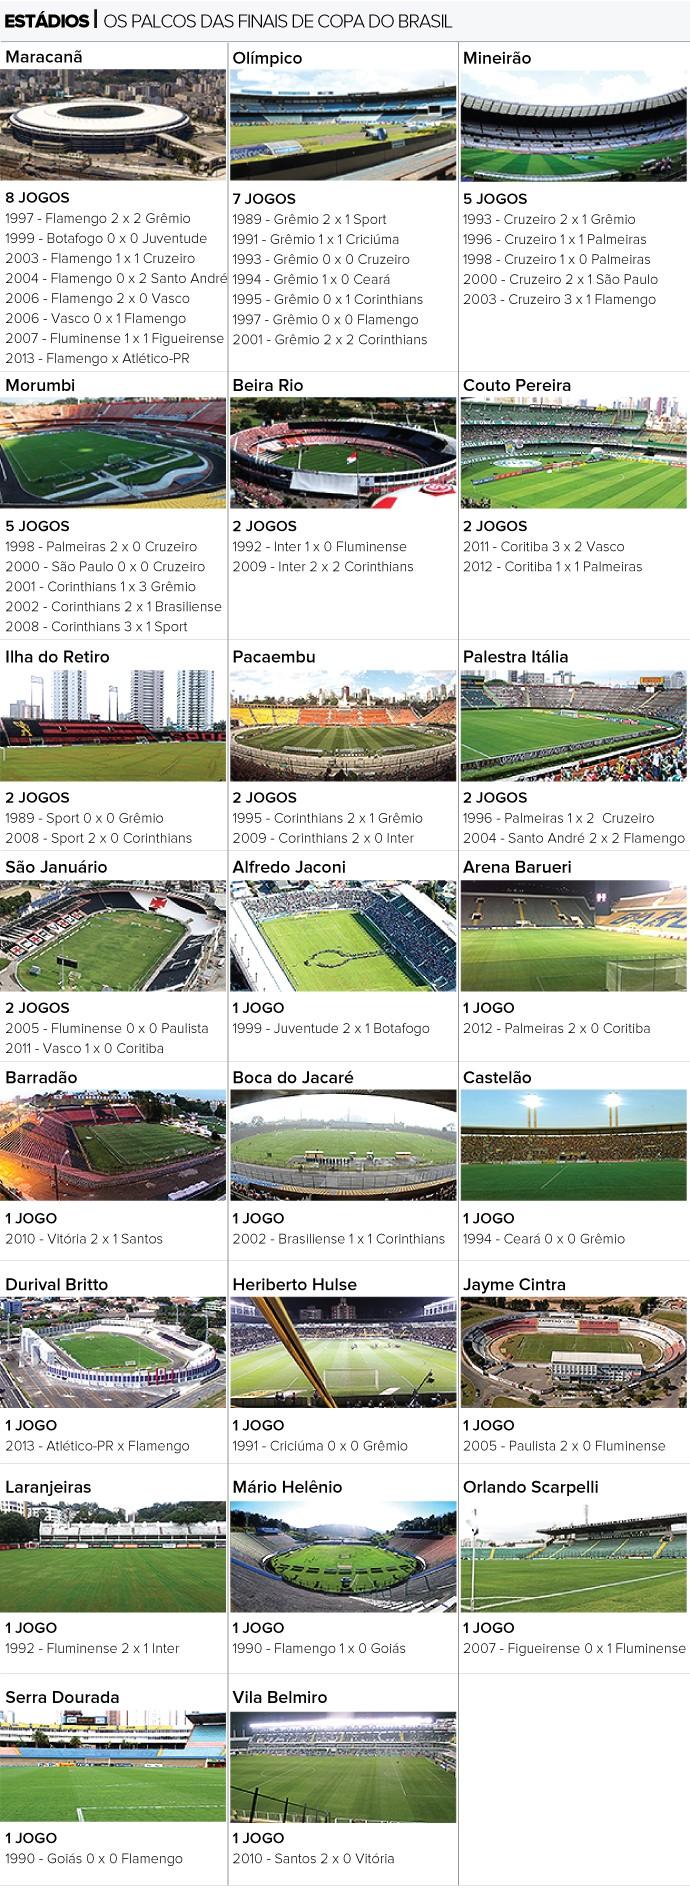 INFO estádios Copa do Brasil finais Numerólogos 2